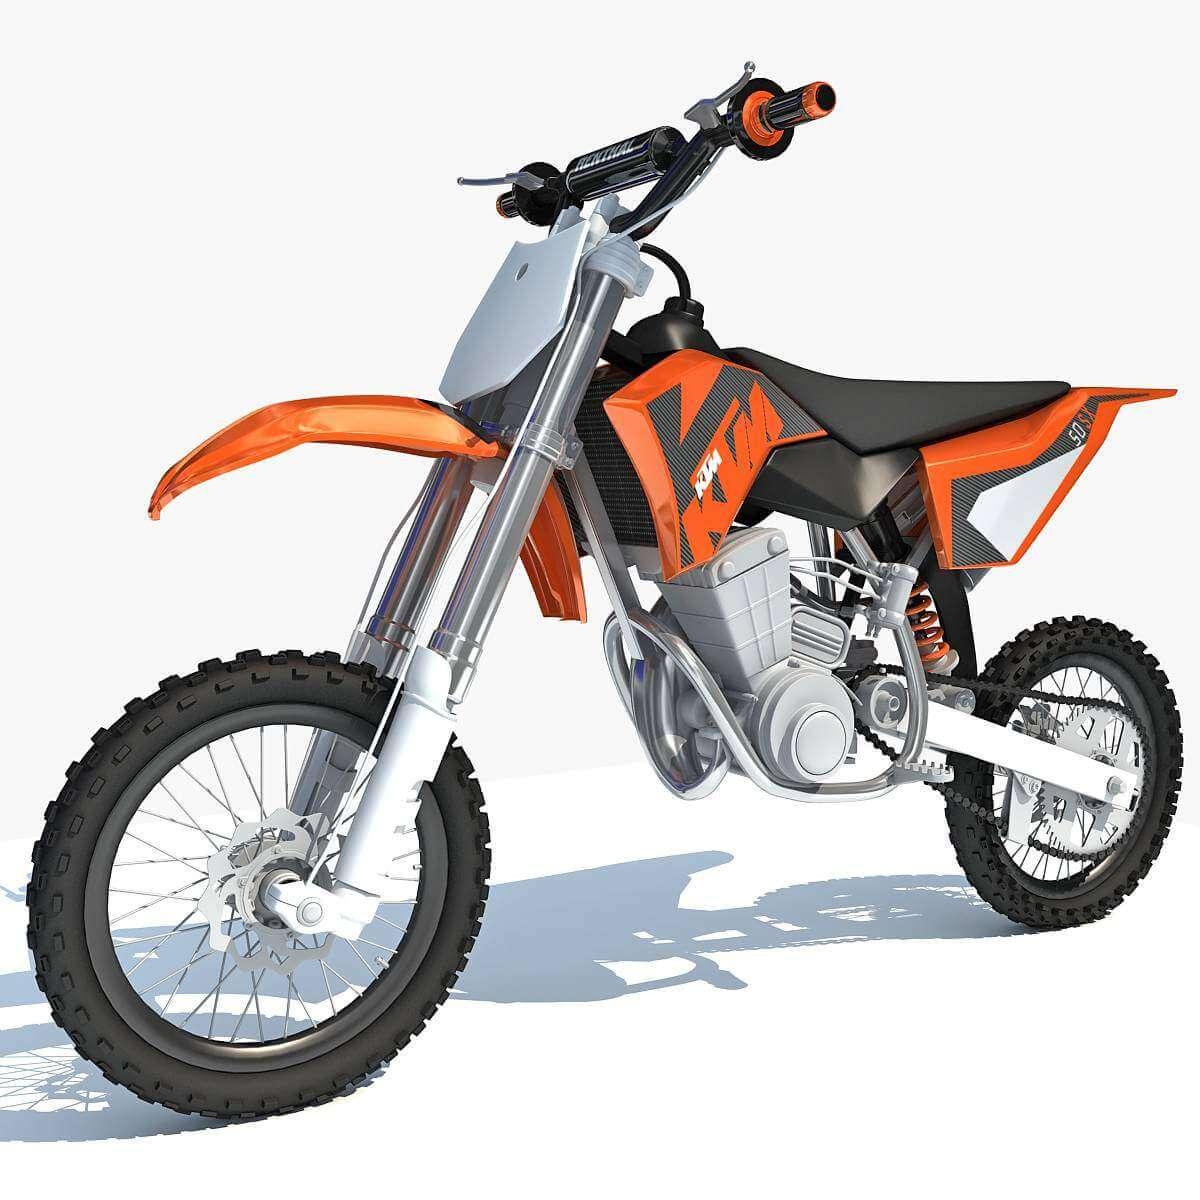 Ktm Motocross Racing Bike 3d Model